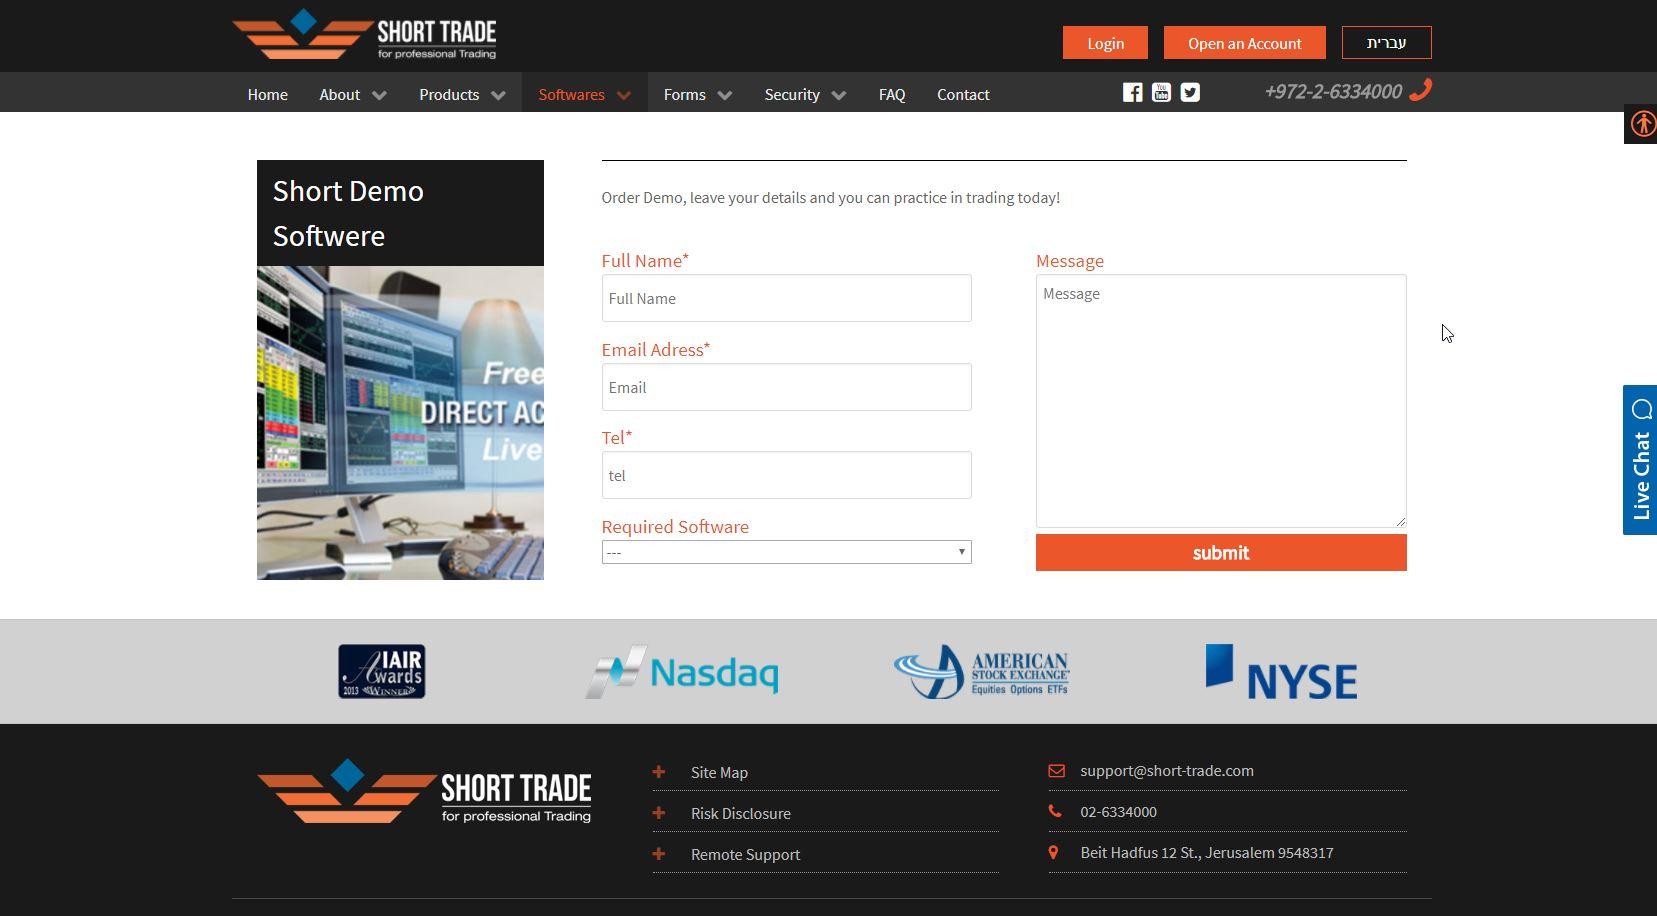 בניית אתר - Short Trade